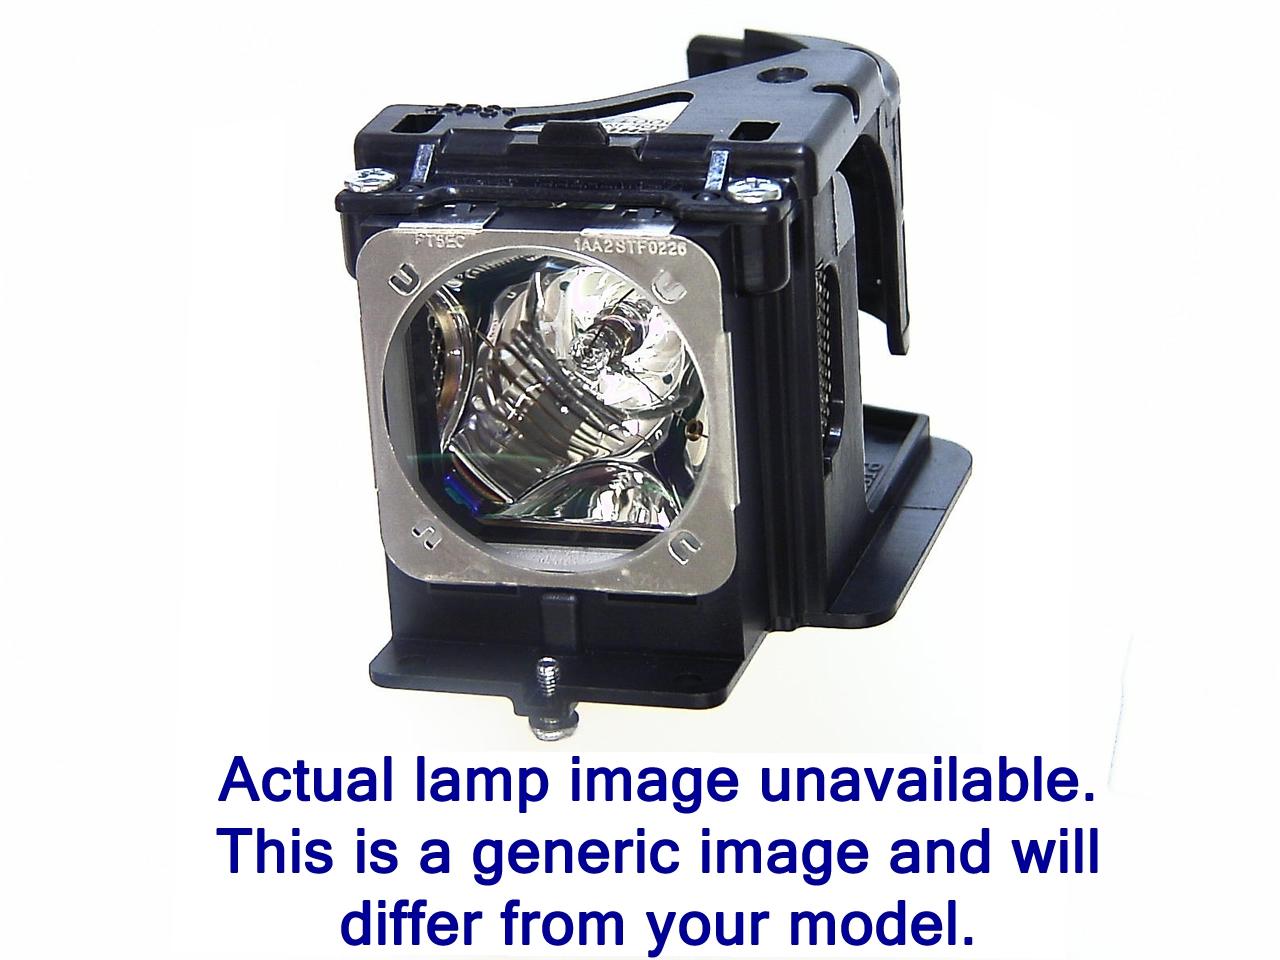 Smart Lámpara For JVC LX-D1010 Proyector.